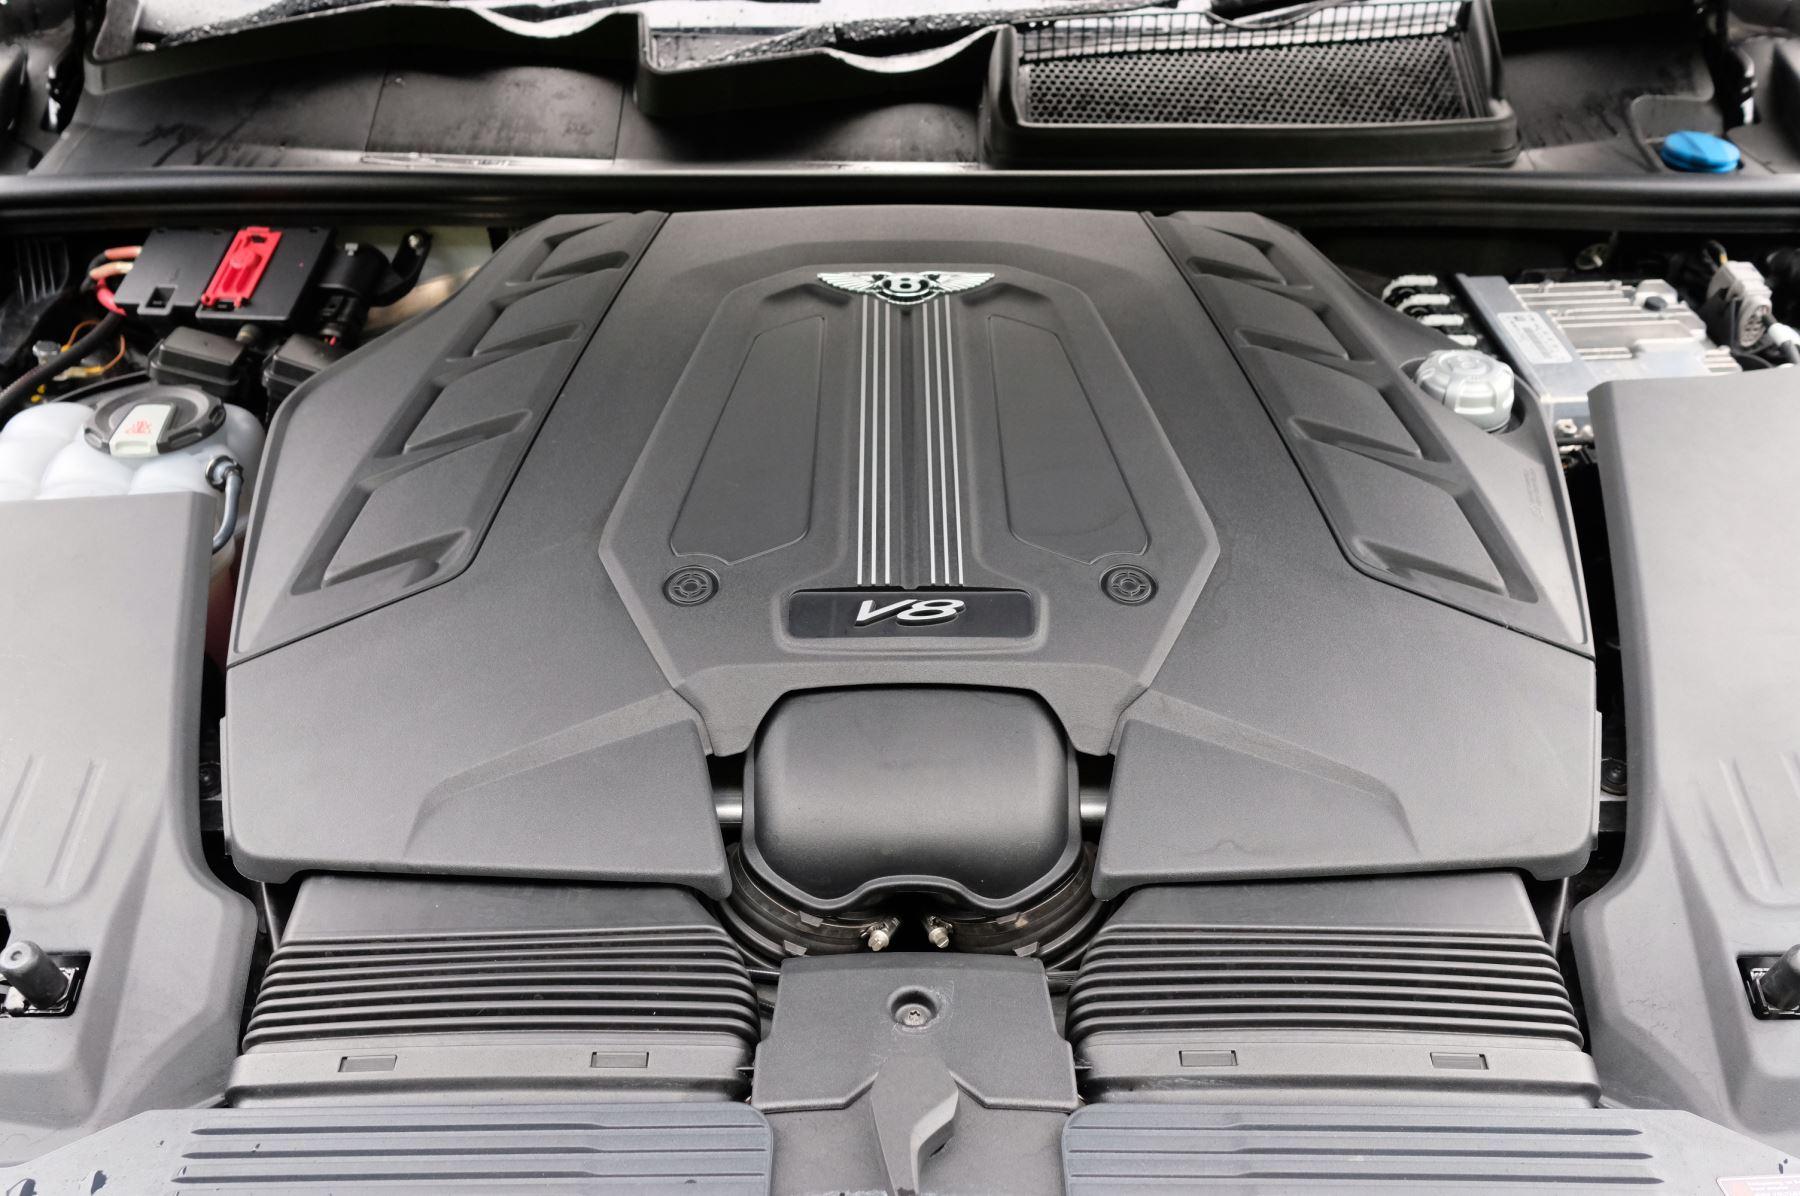 Bentley Bentayga 4.0 V8 5dr - Mulliner Driving Specification image 10